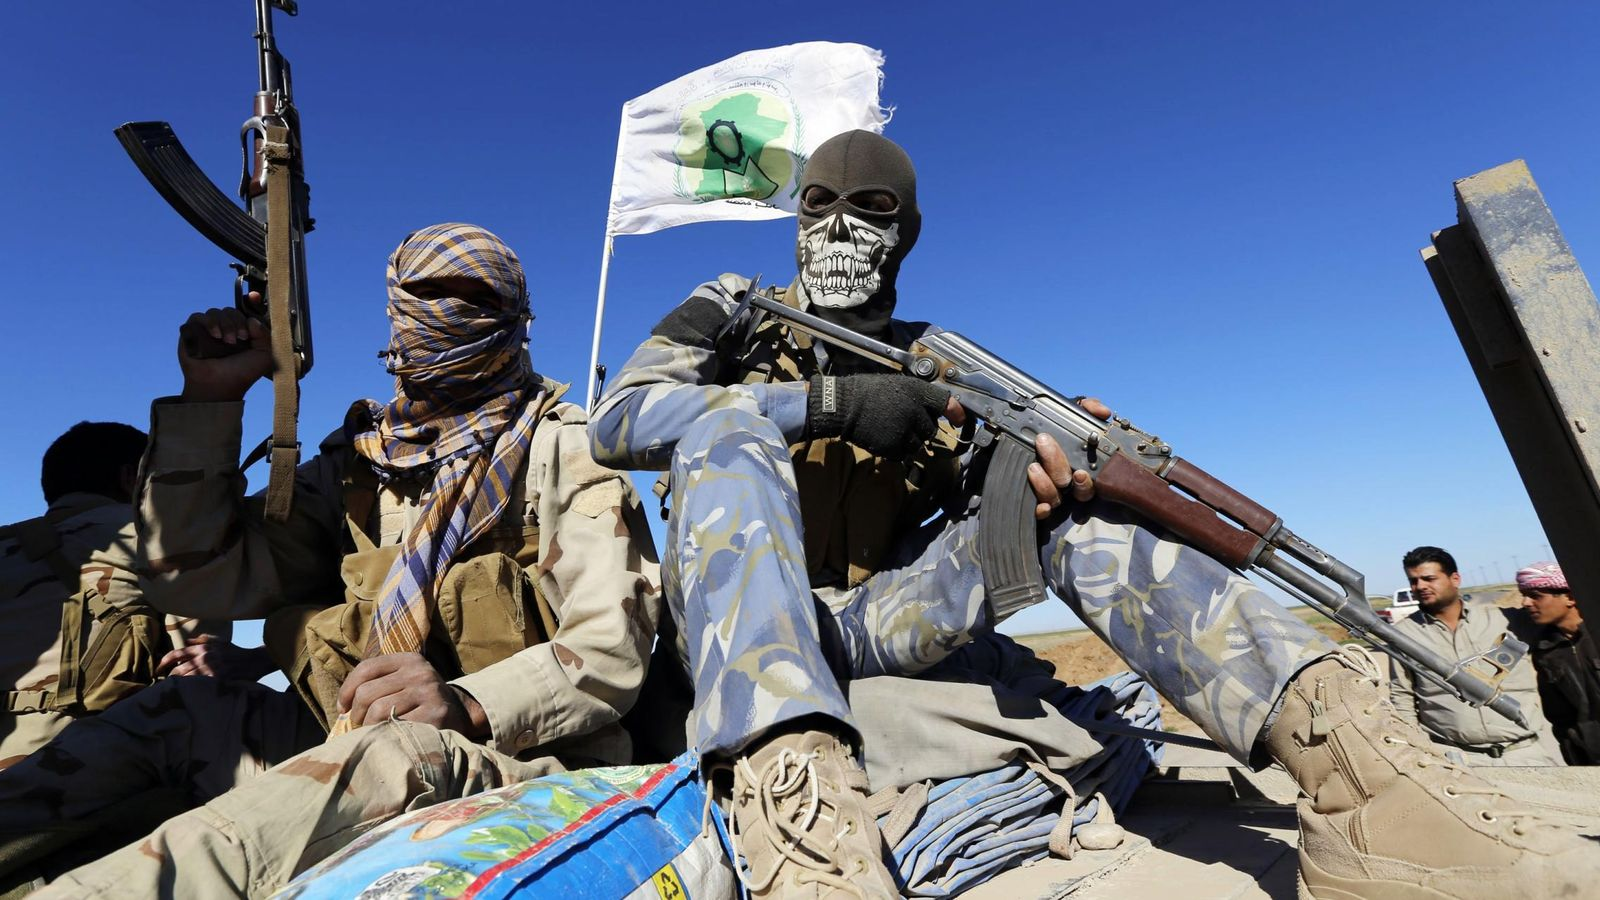 Noticias de Oriente Medio: Suníes contra chiíes: el gran juego, la gran mentira